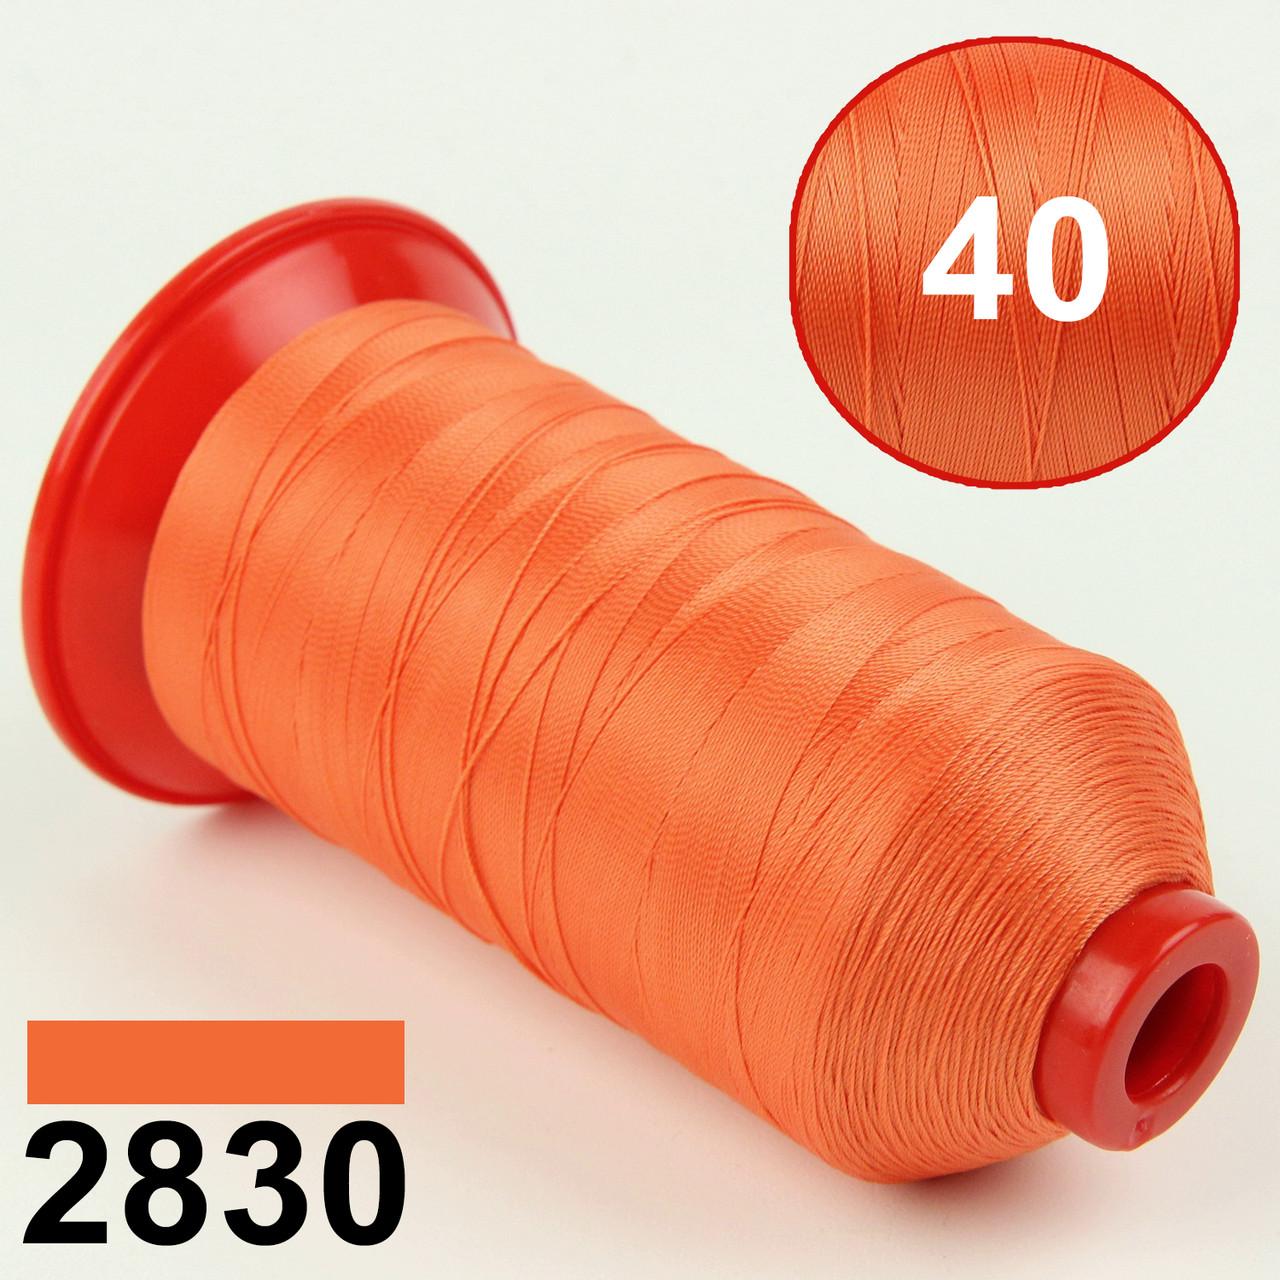 Нитка POLYART(ПОЛИАРТ) N40 колір 2830 оранжевий, для пошиття чохлів на автомобільні сидіння і кермо, 3000м